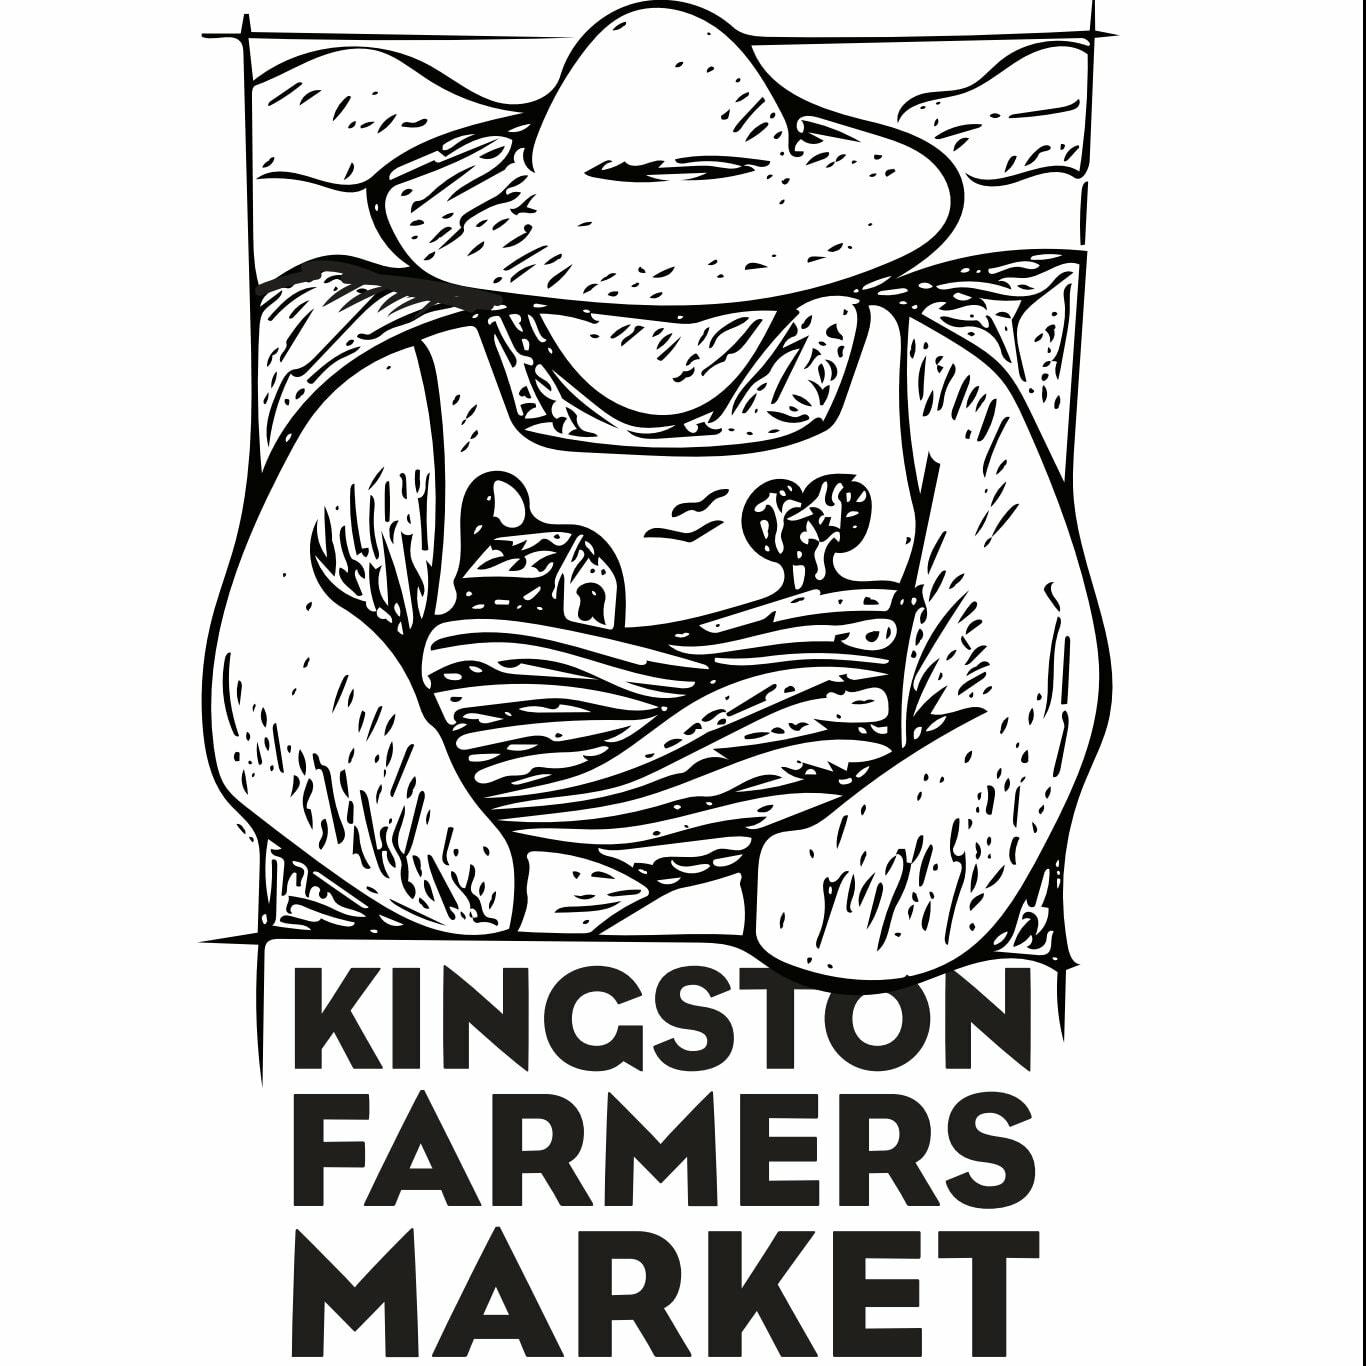 Kingston-Farmers-Market.jpg